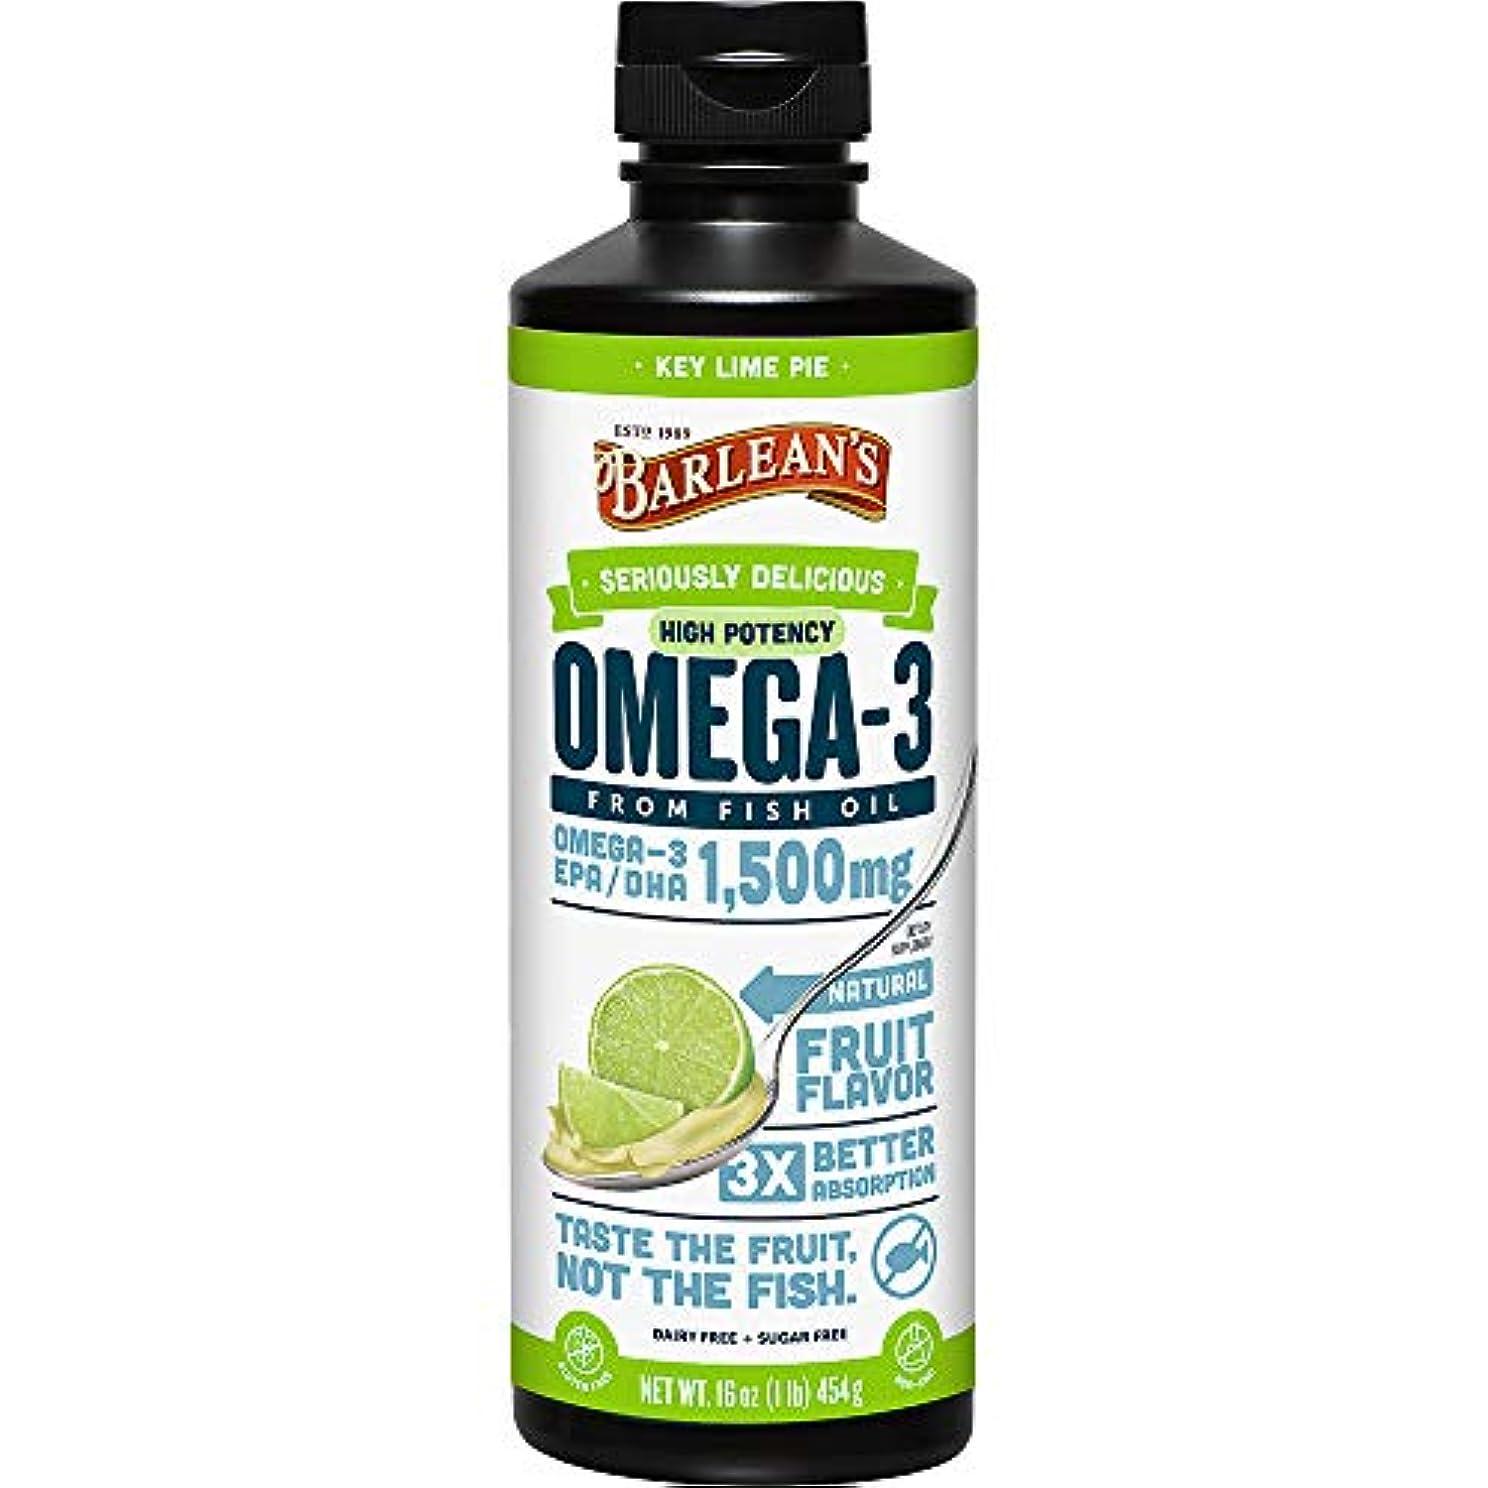 騙すチーフ名前Barlean's - Omegaの渦巻の魚オイルの超高い潜在的能力Key石灰 1500 mg。16ポンド